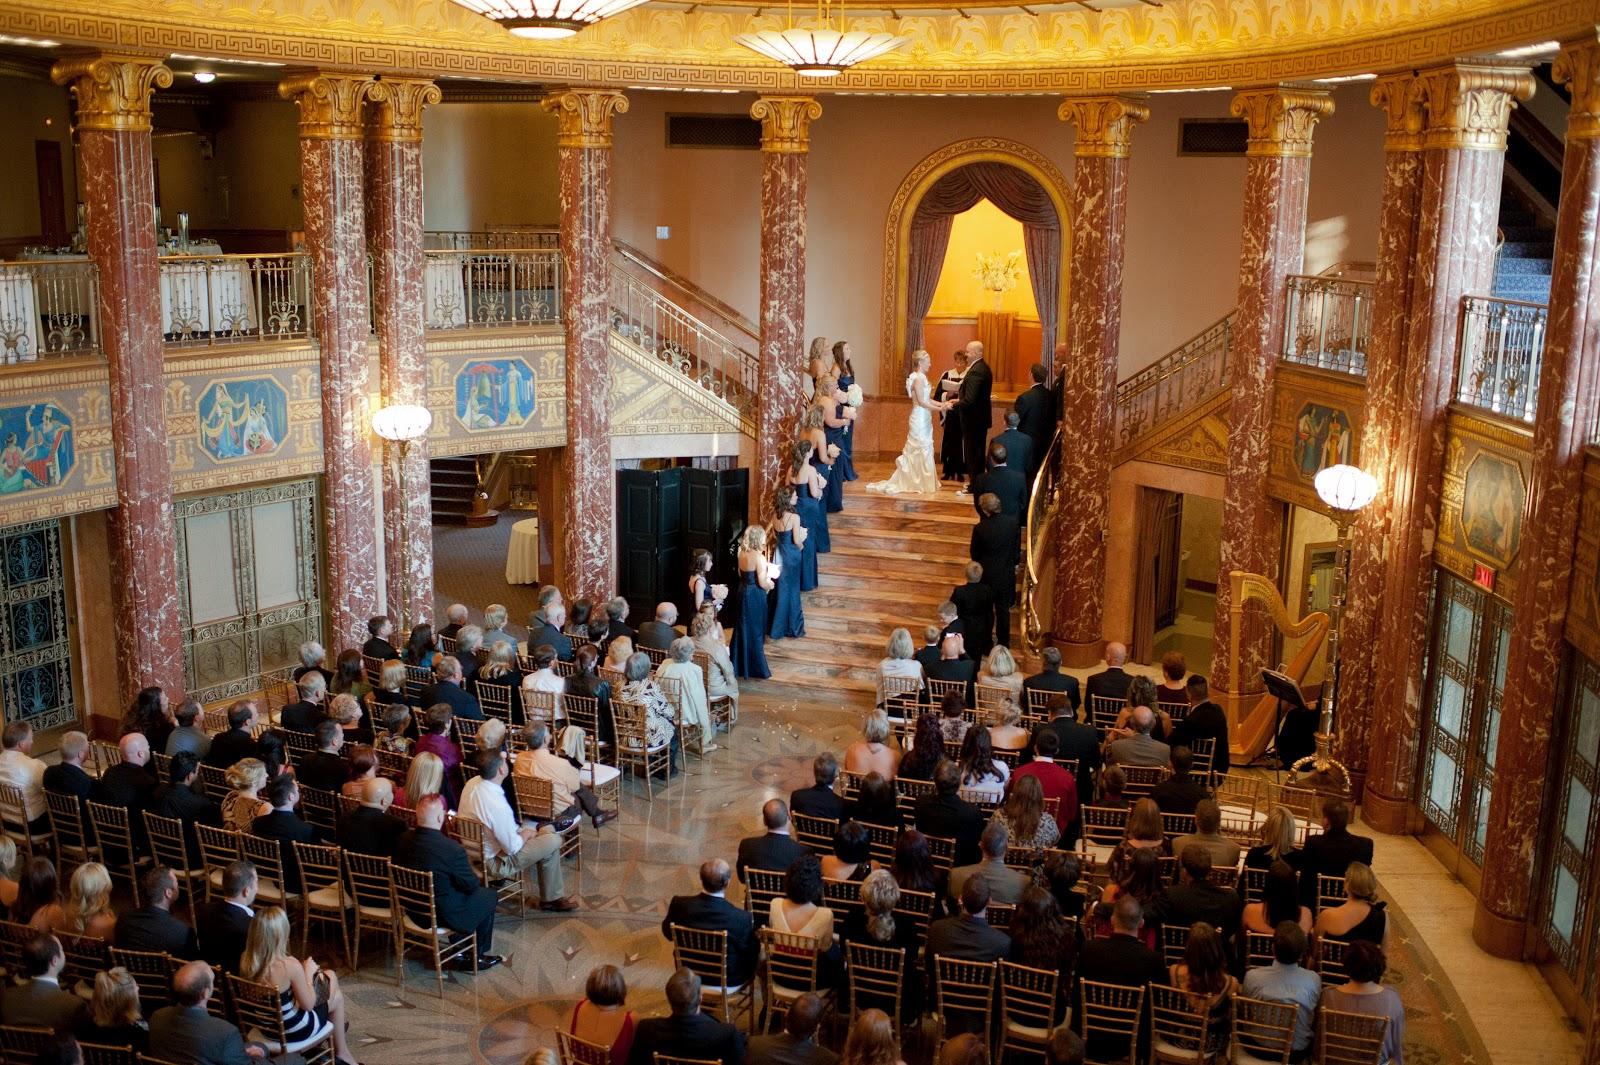 Wedding Hall Ceremony: Wedding & Event Planning